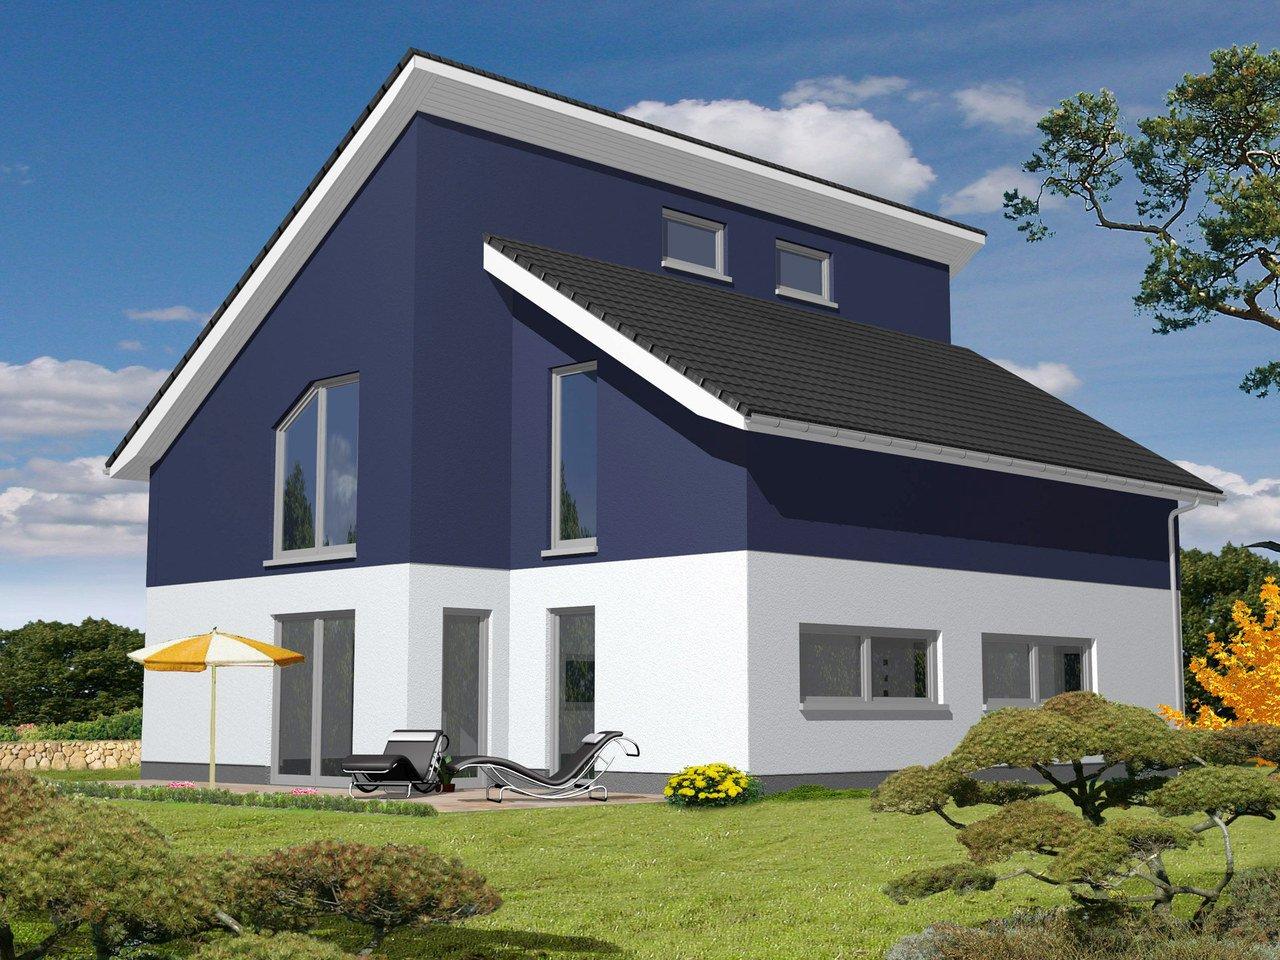 Haus Poel Ansicht 2 - IBIS Haus